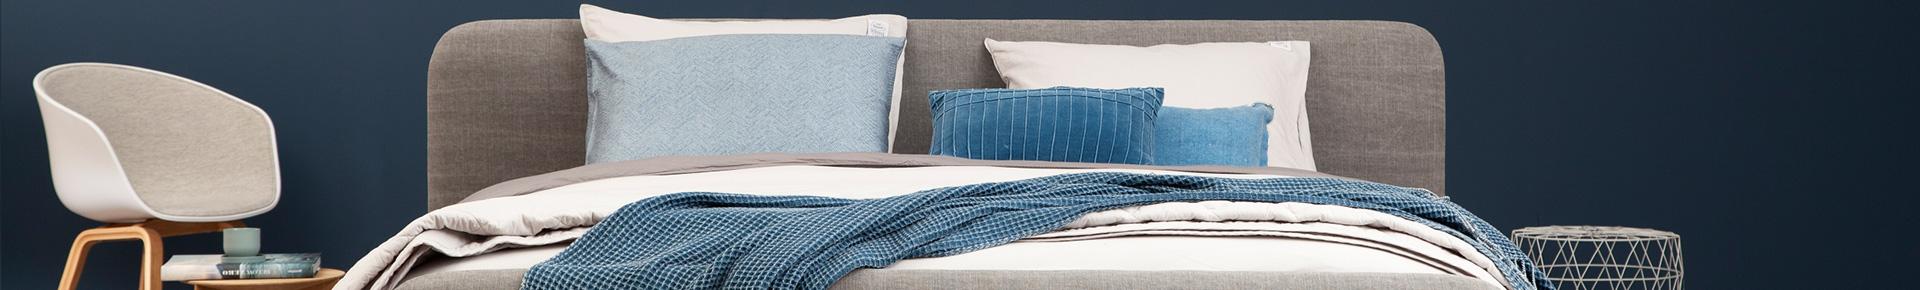 M line - Betten Sammlung